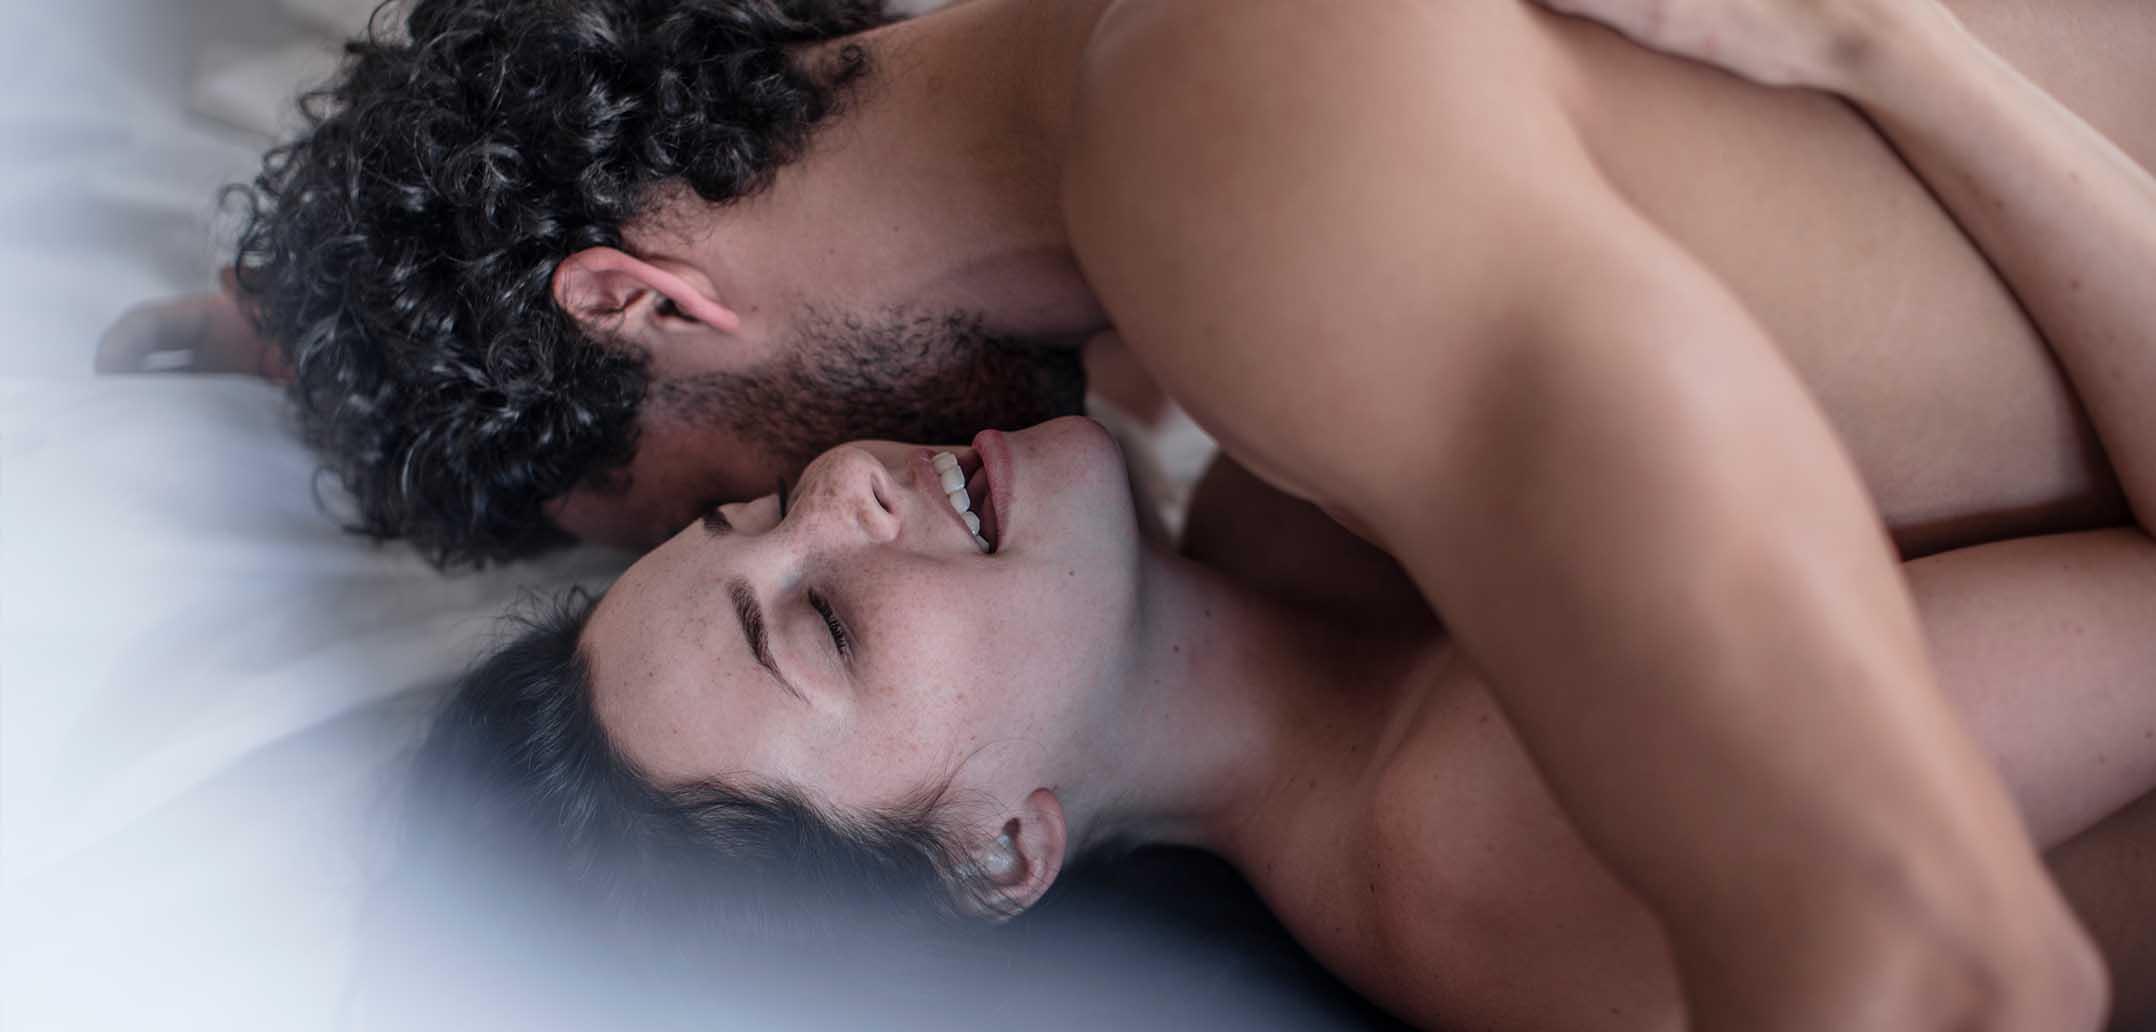 Beim Sex wie abwesend: Über Sexsomnie und den Einfluss der Pornoindustrie